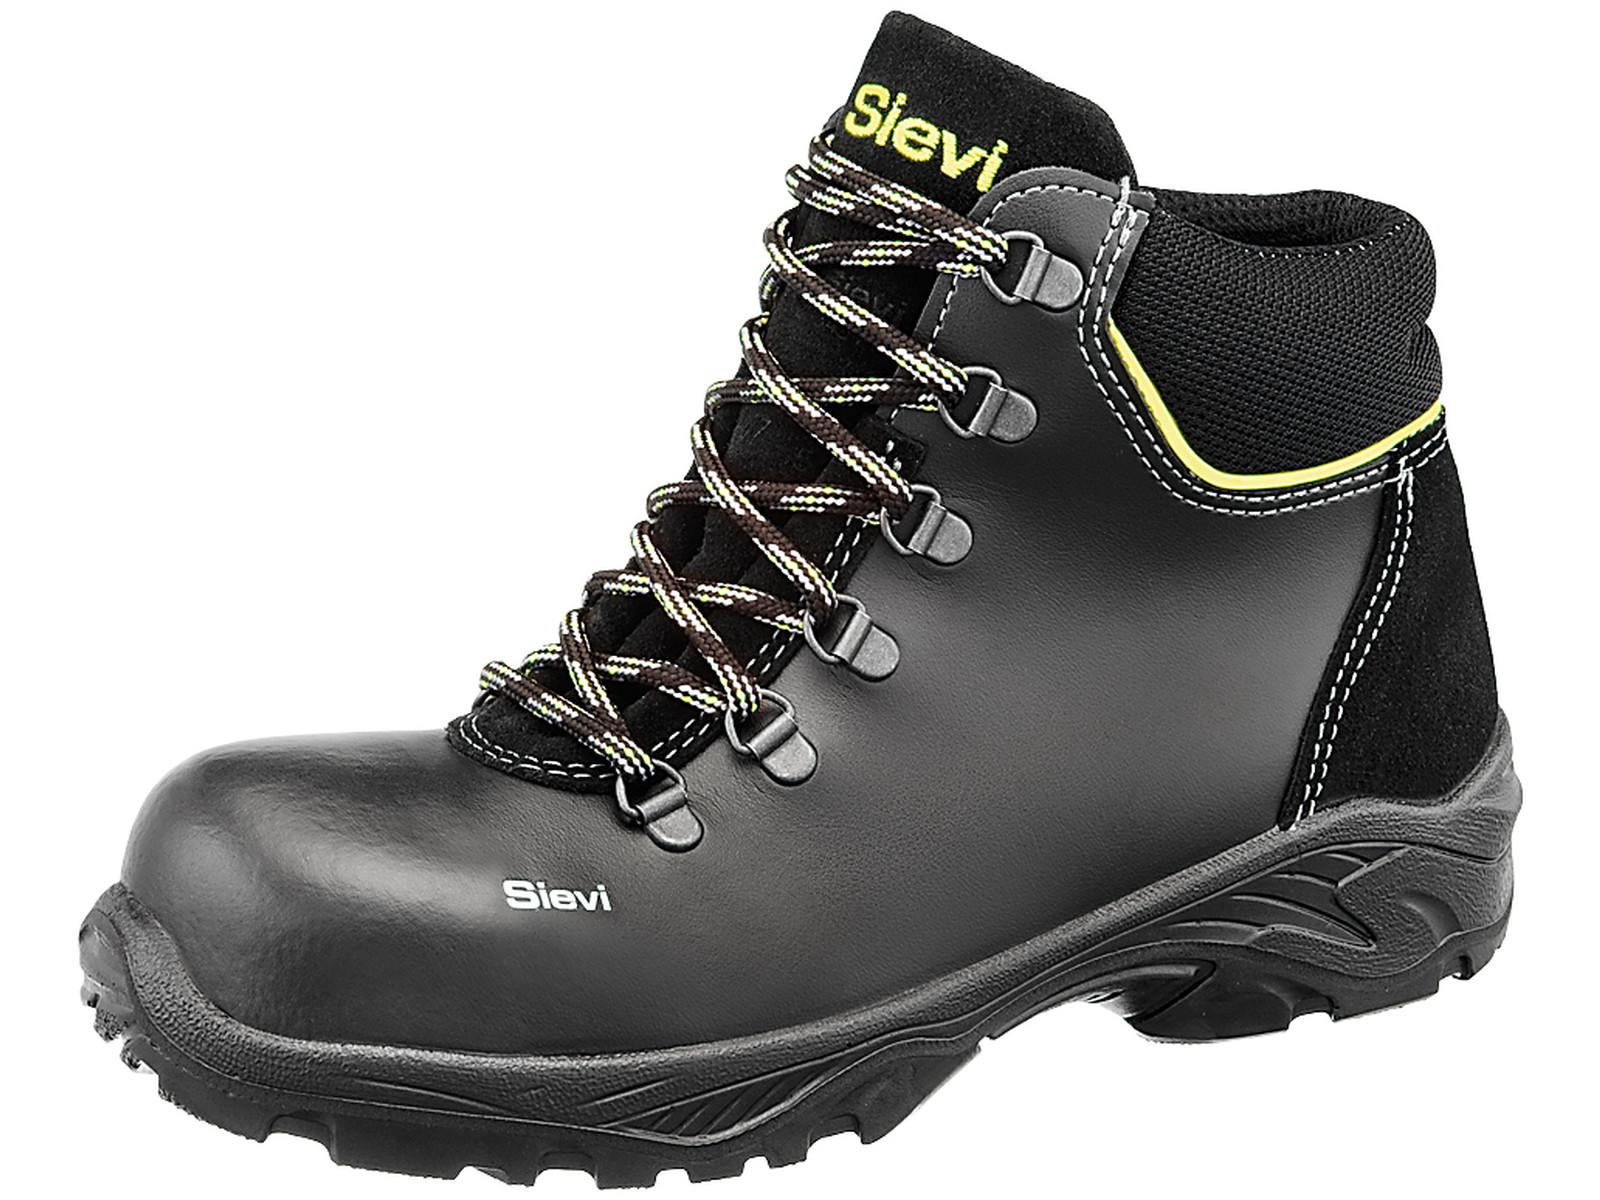 3265af57fbc Safety Shoes - Matador High S3 » Sievin Jalkine Oy